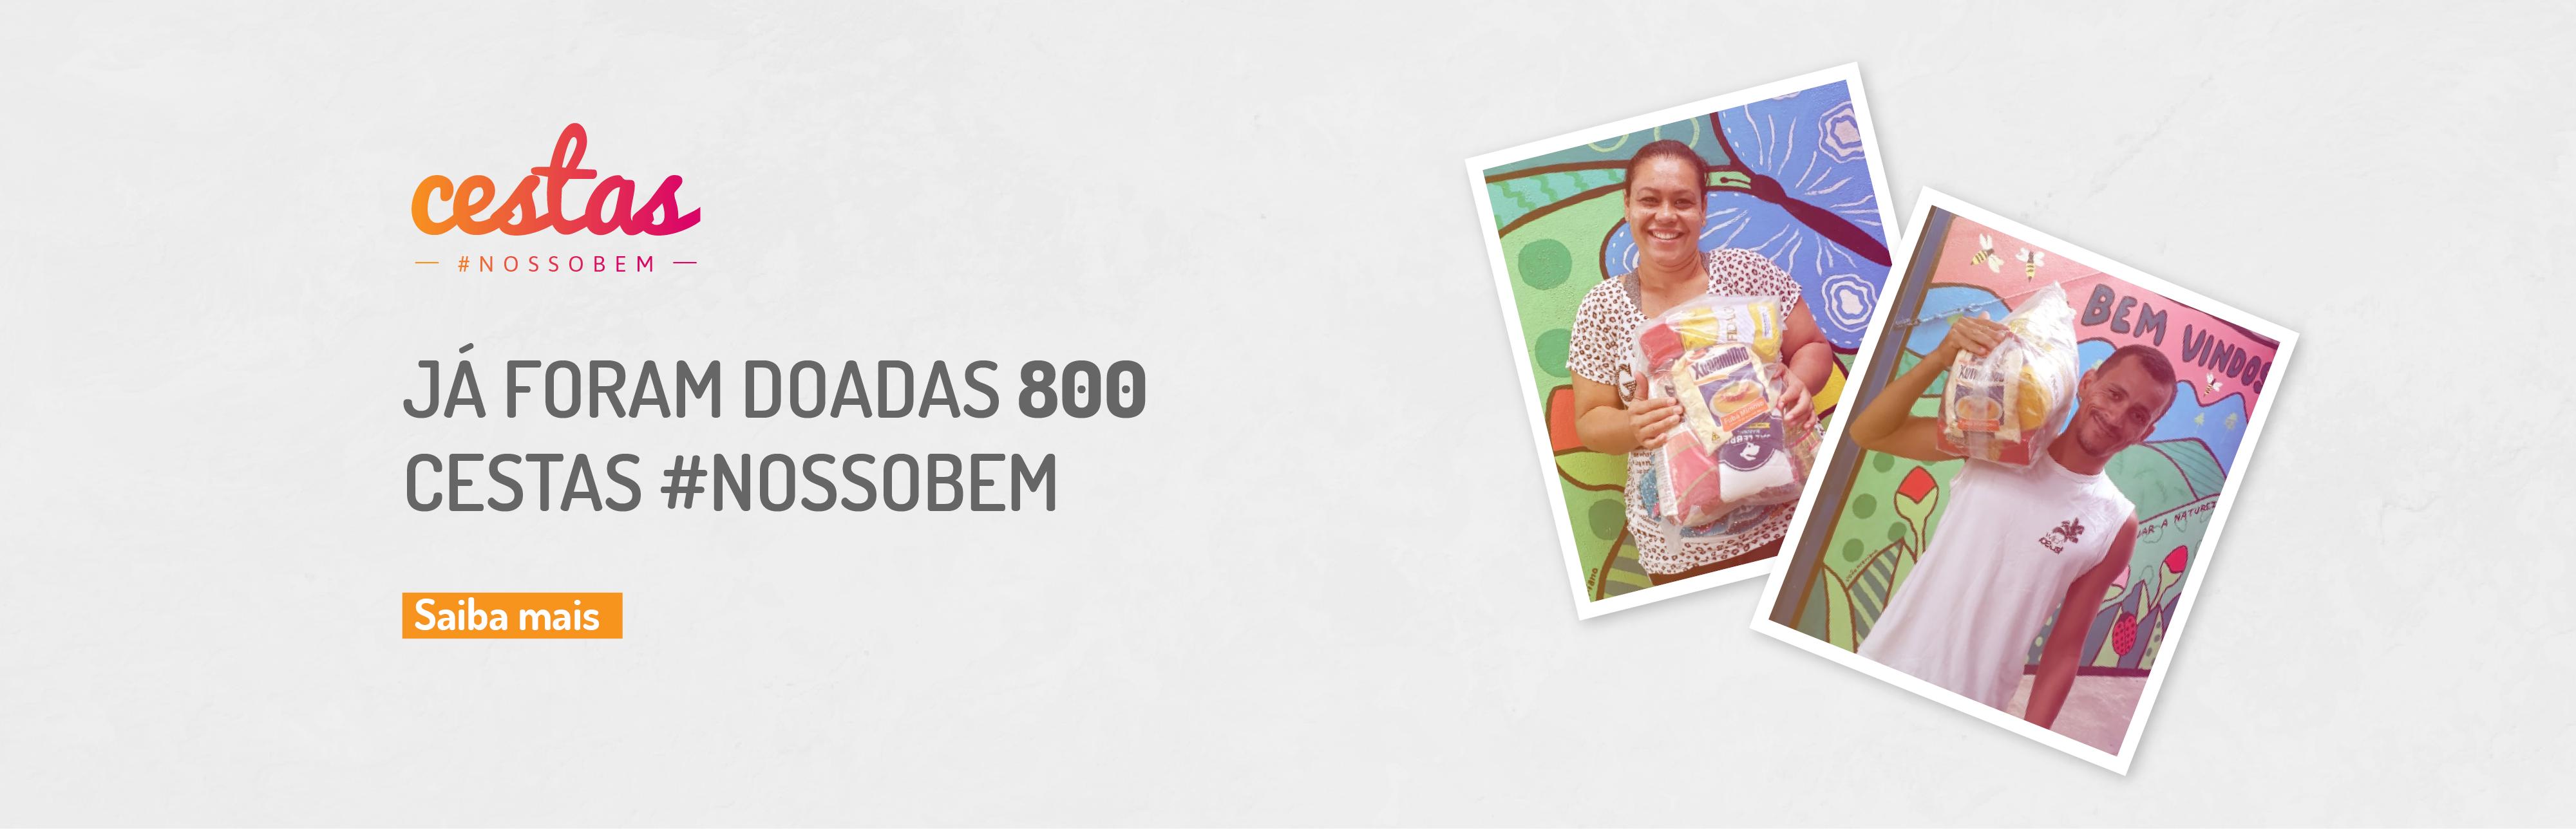 Mais de 600 Cestas #NossoBem são distribuídas em apenas uma semana de campanha!